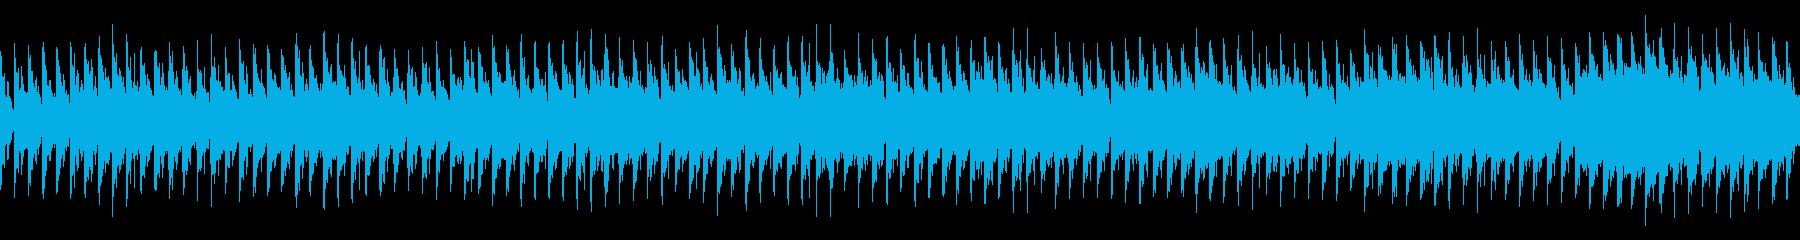 夜、軽快、疾走:バイオリンとハウスビートの再生済みの波形